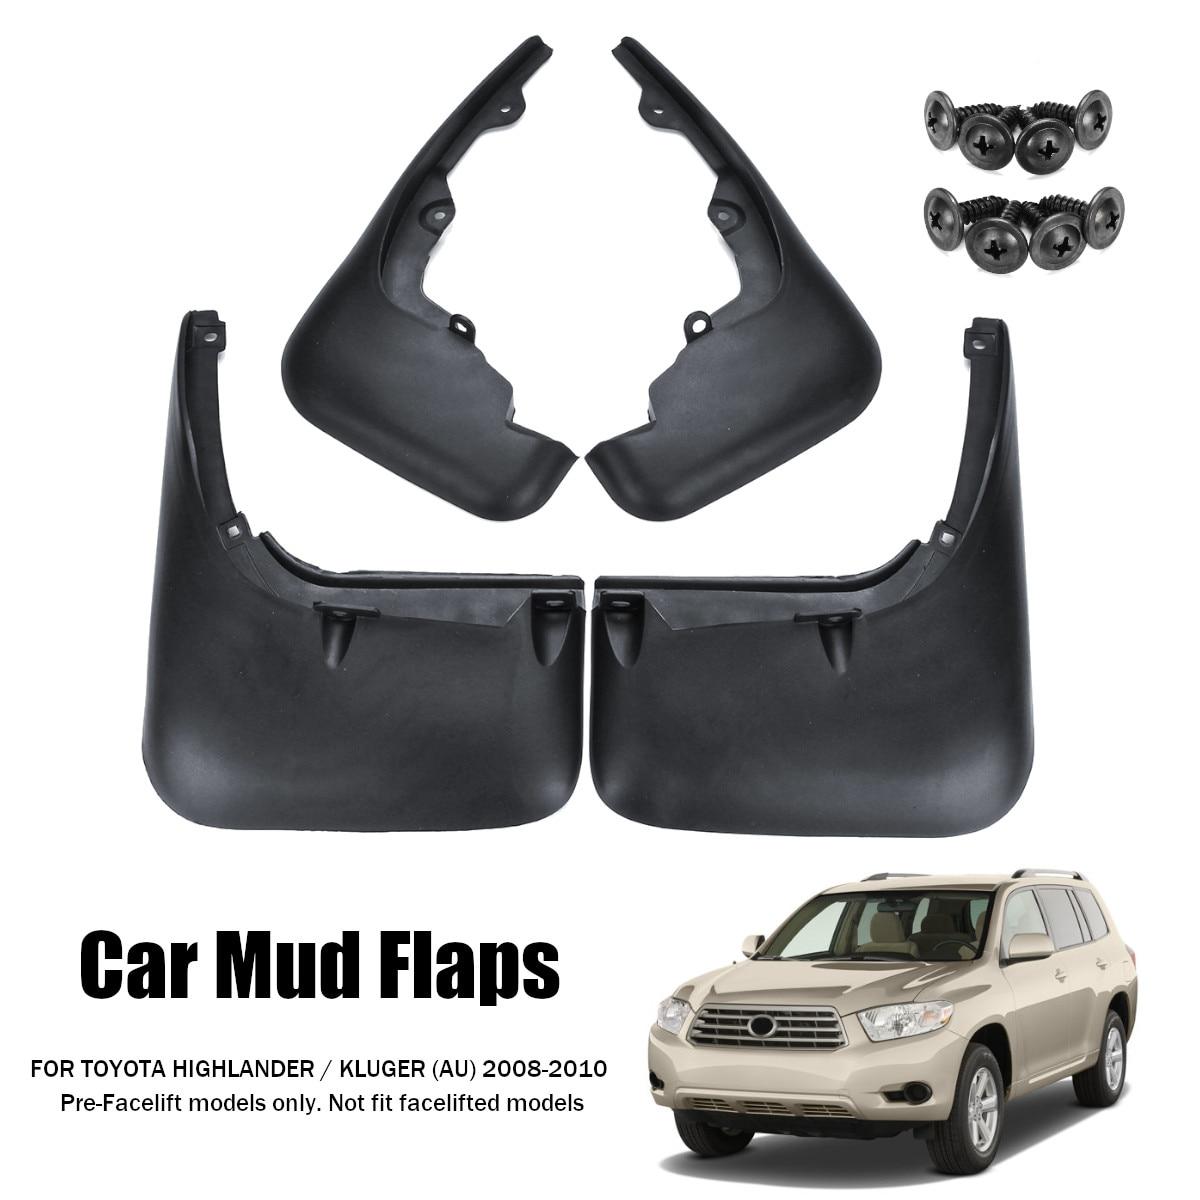 Front Engine Splash Shield For 2008-2010 Toyota Highlander